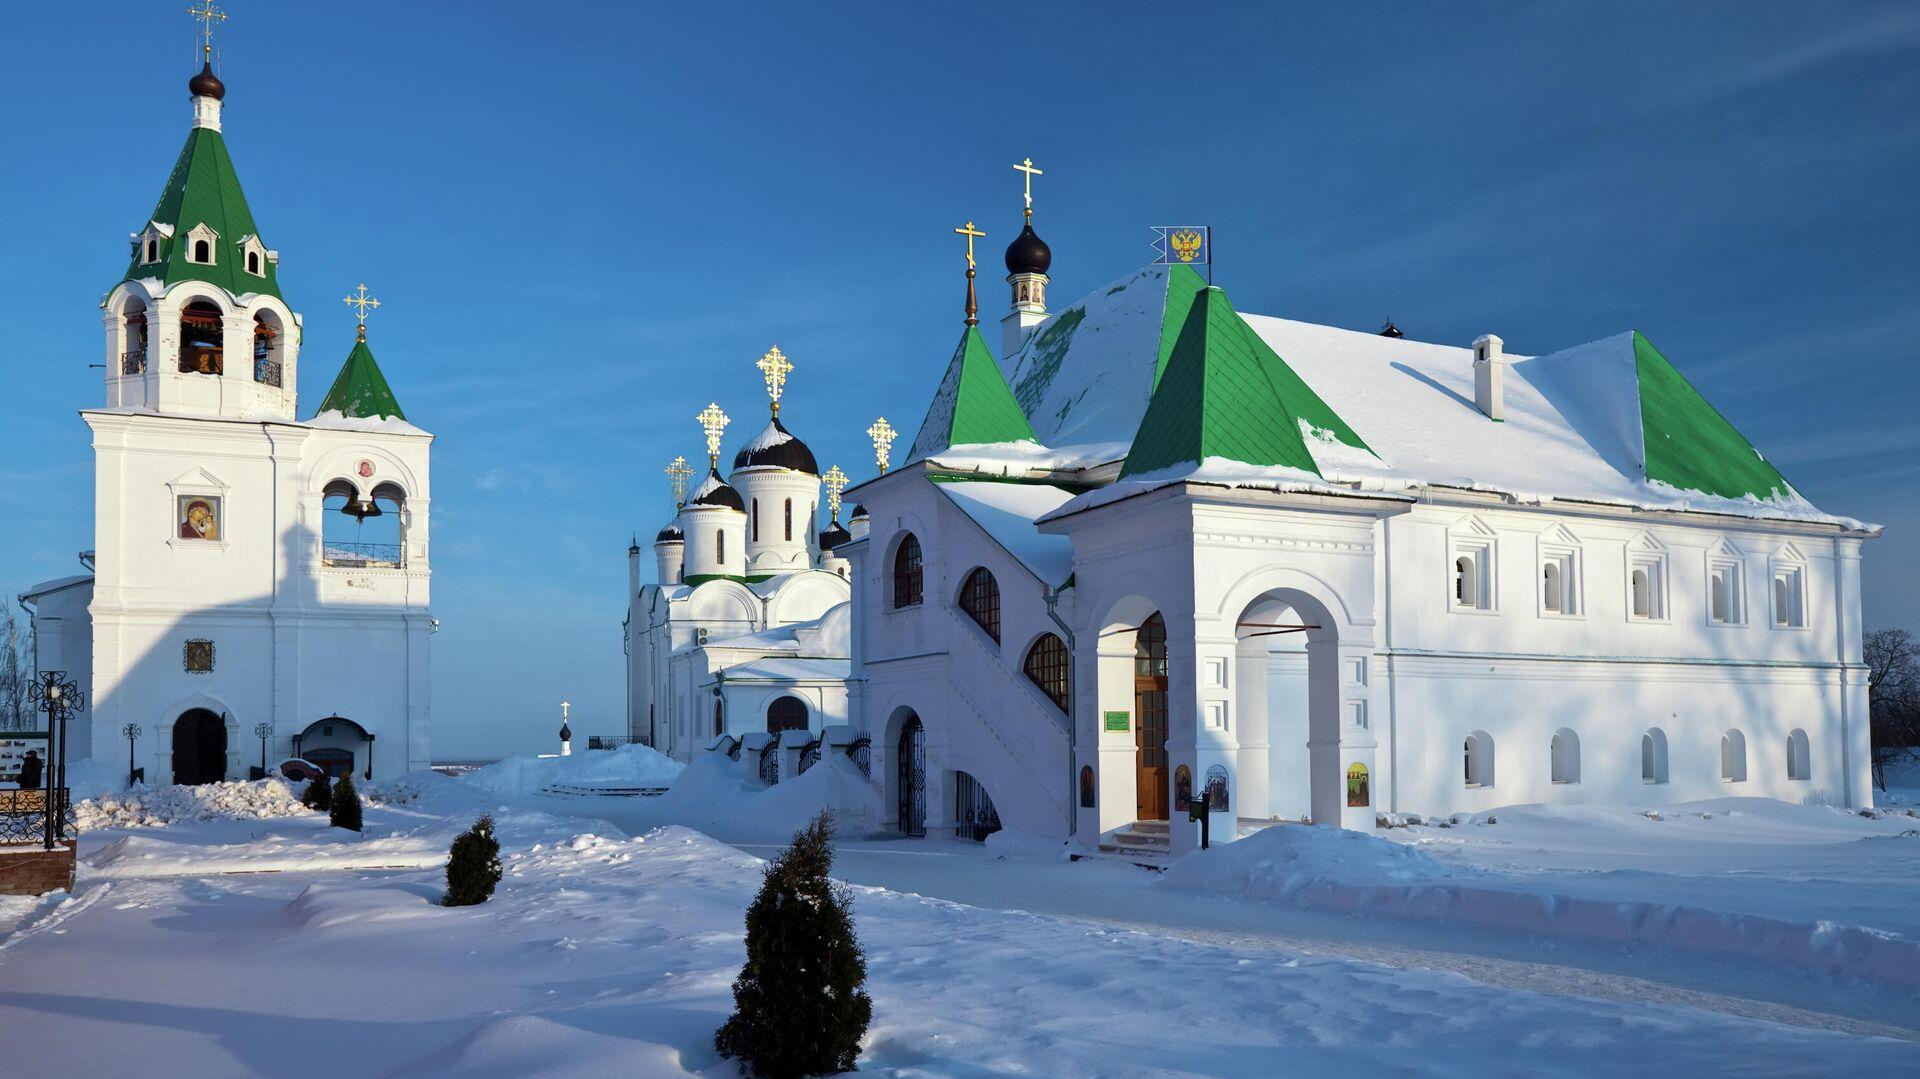 Спасо-Преображенский монастырь в Муроме - РИА Новости, 1920, 07.12.2020